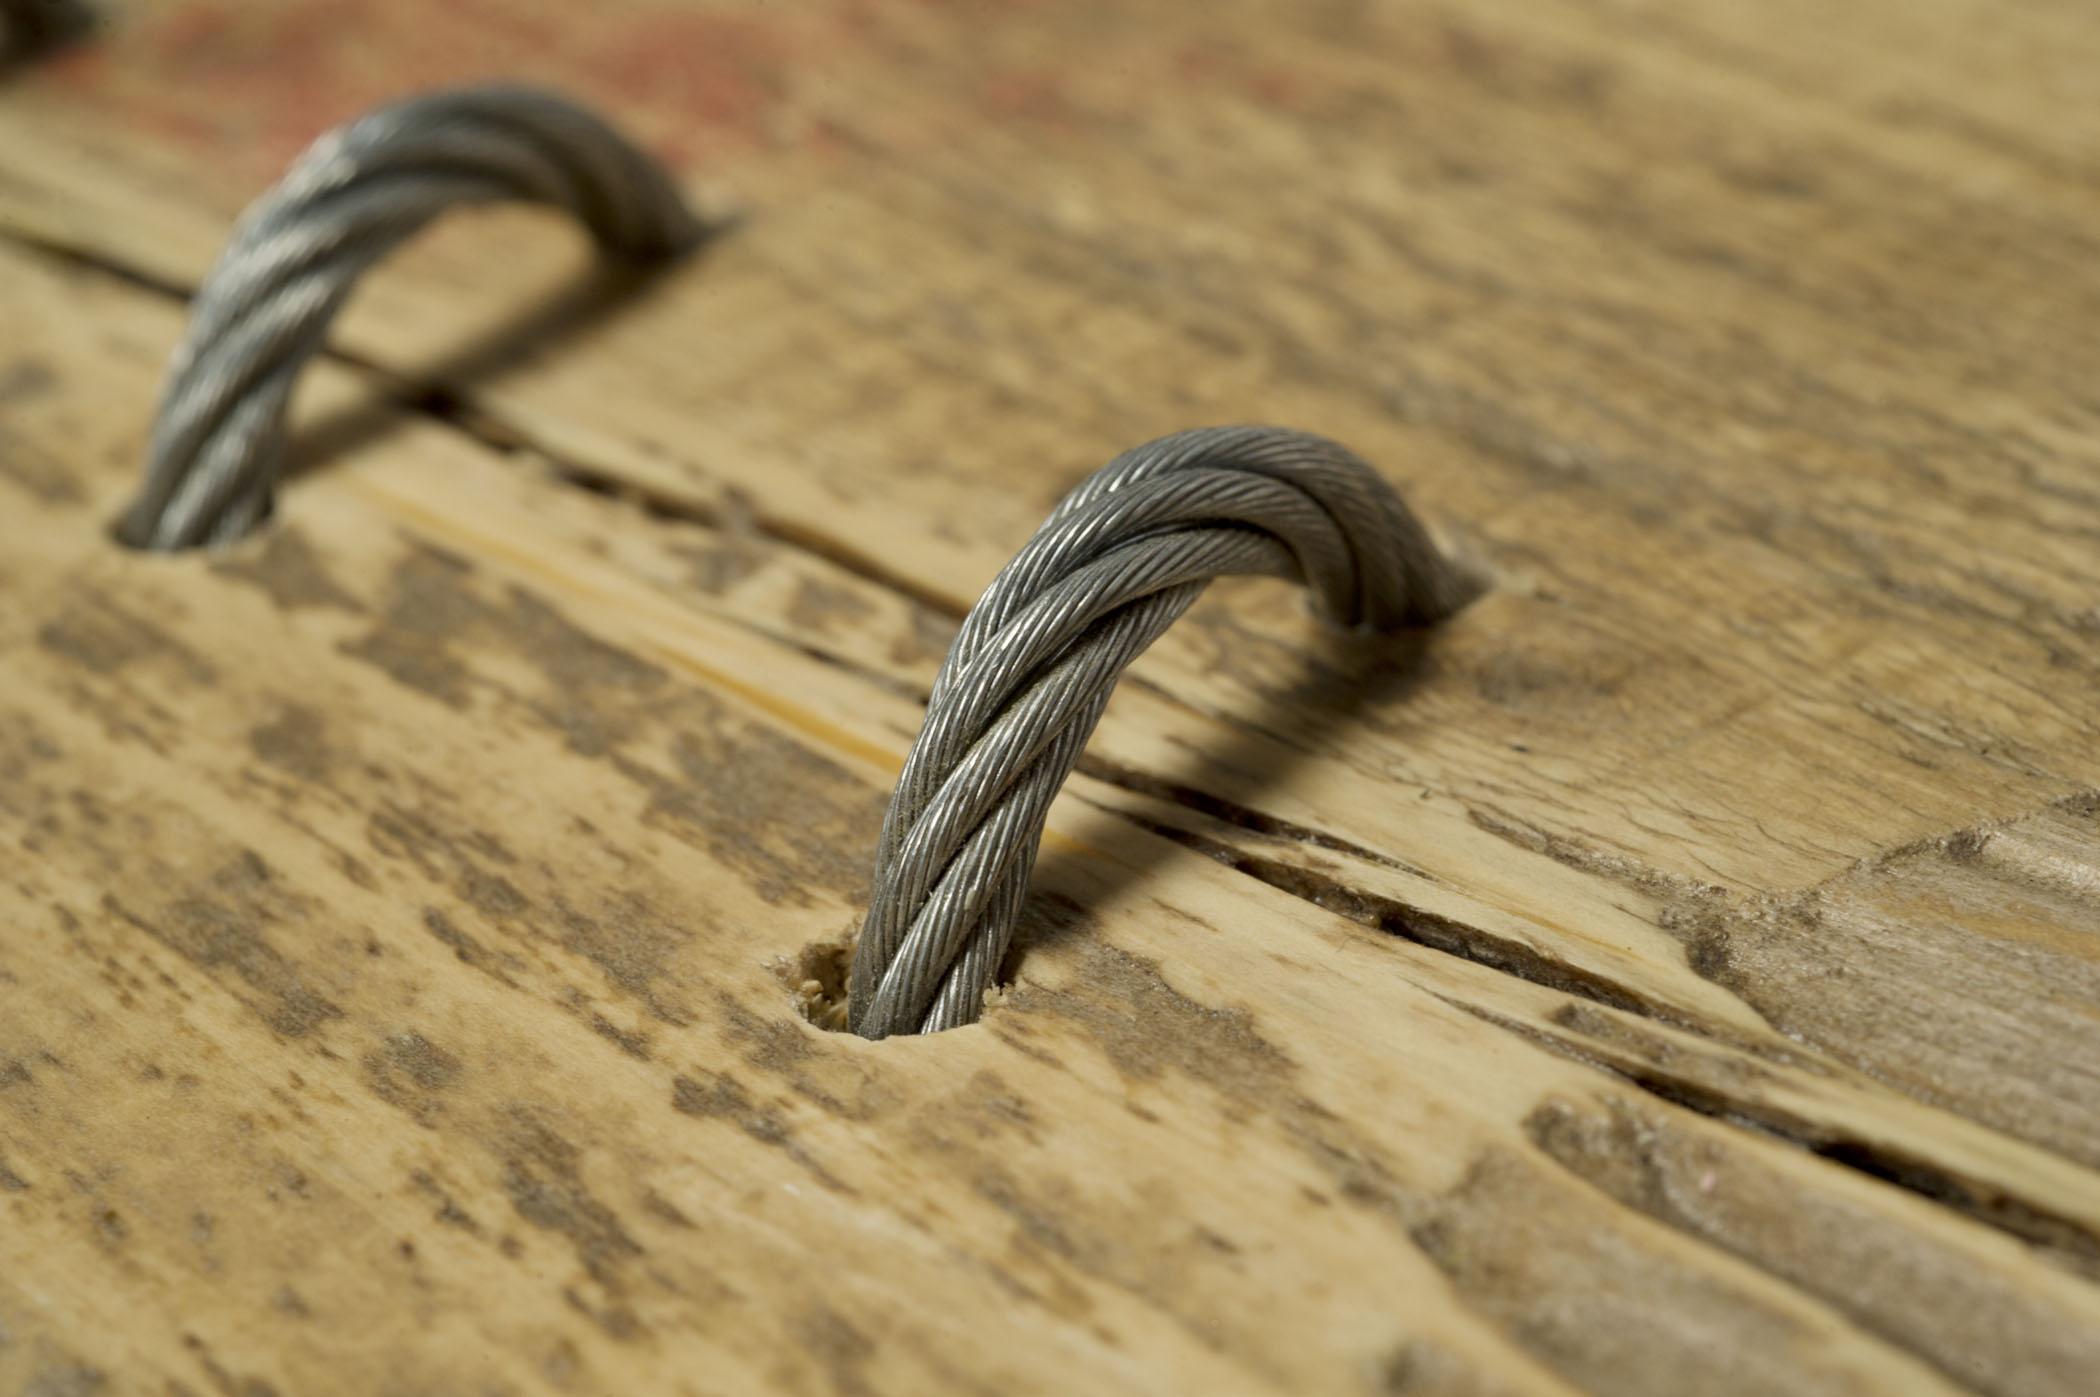 Tavolo con assi di legno vintage e inserti di corda metallica